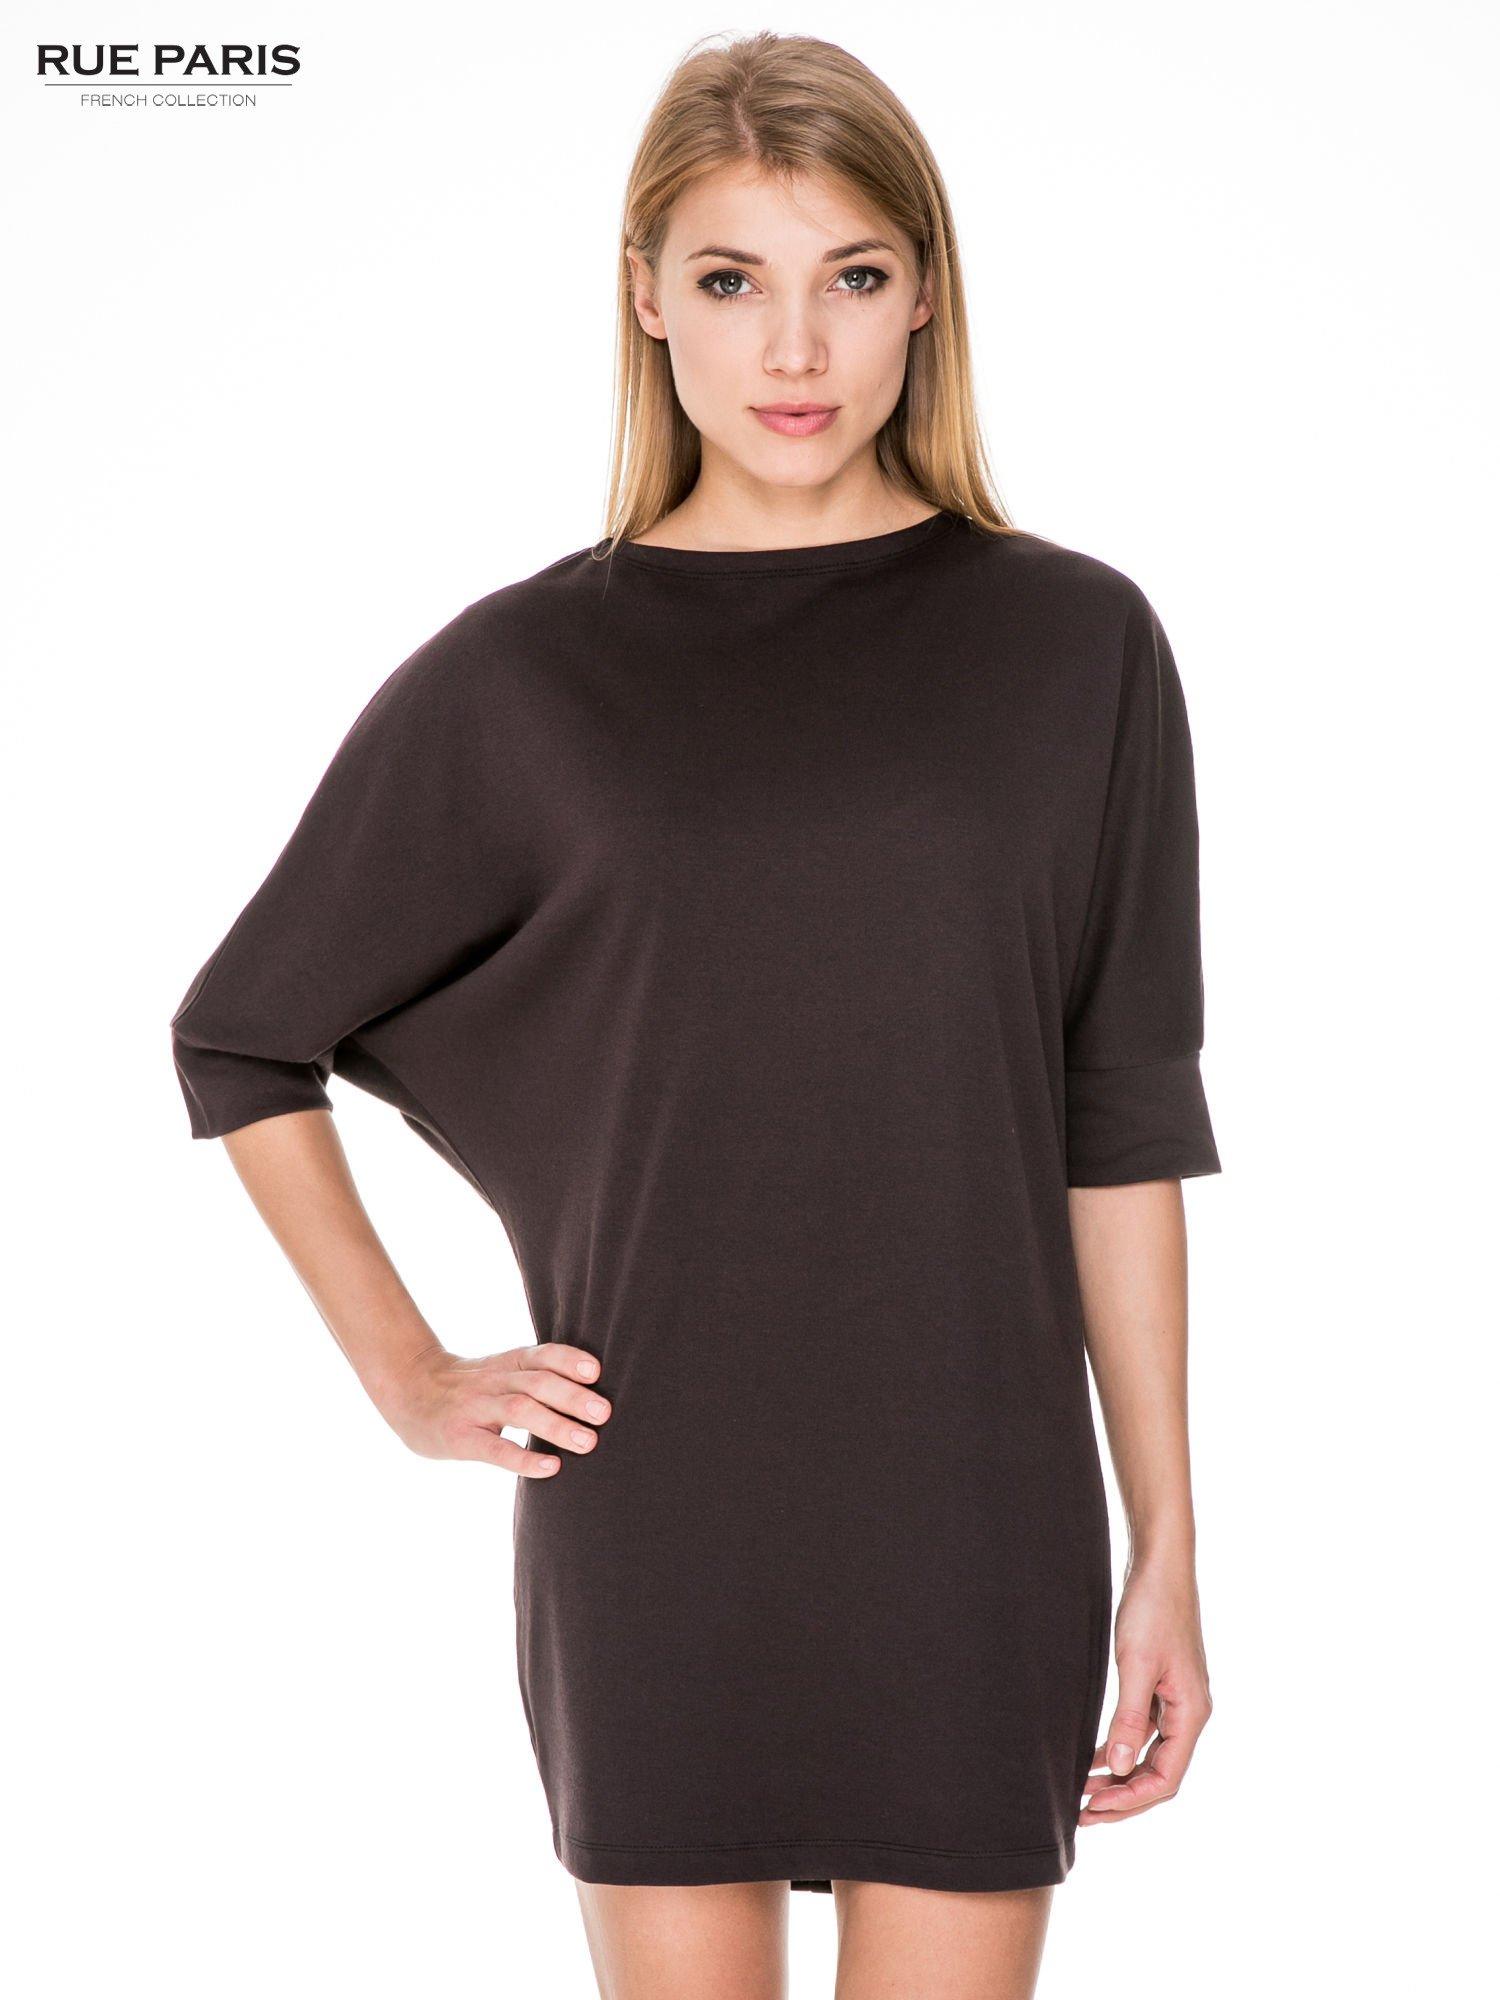 Brązowa bawełniana sukienka z luźnym rękawem                                  zdj.                                  1